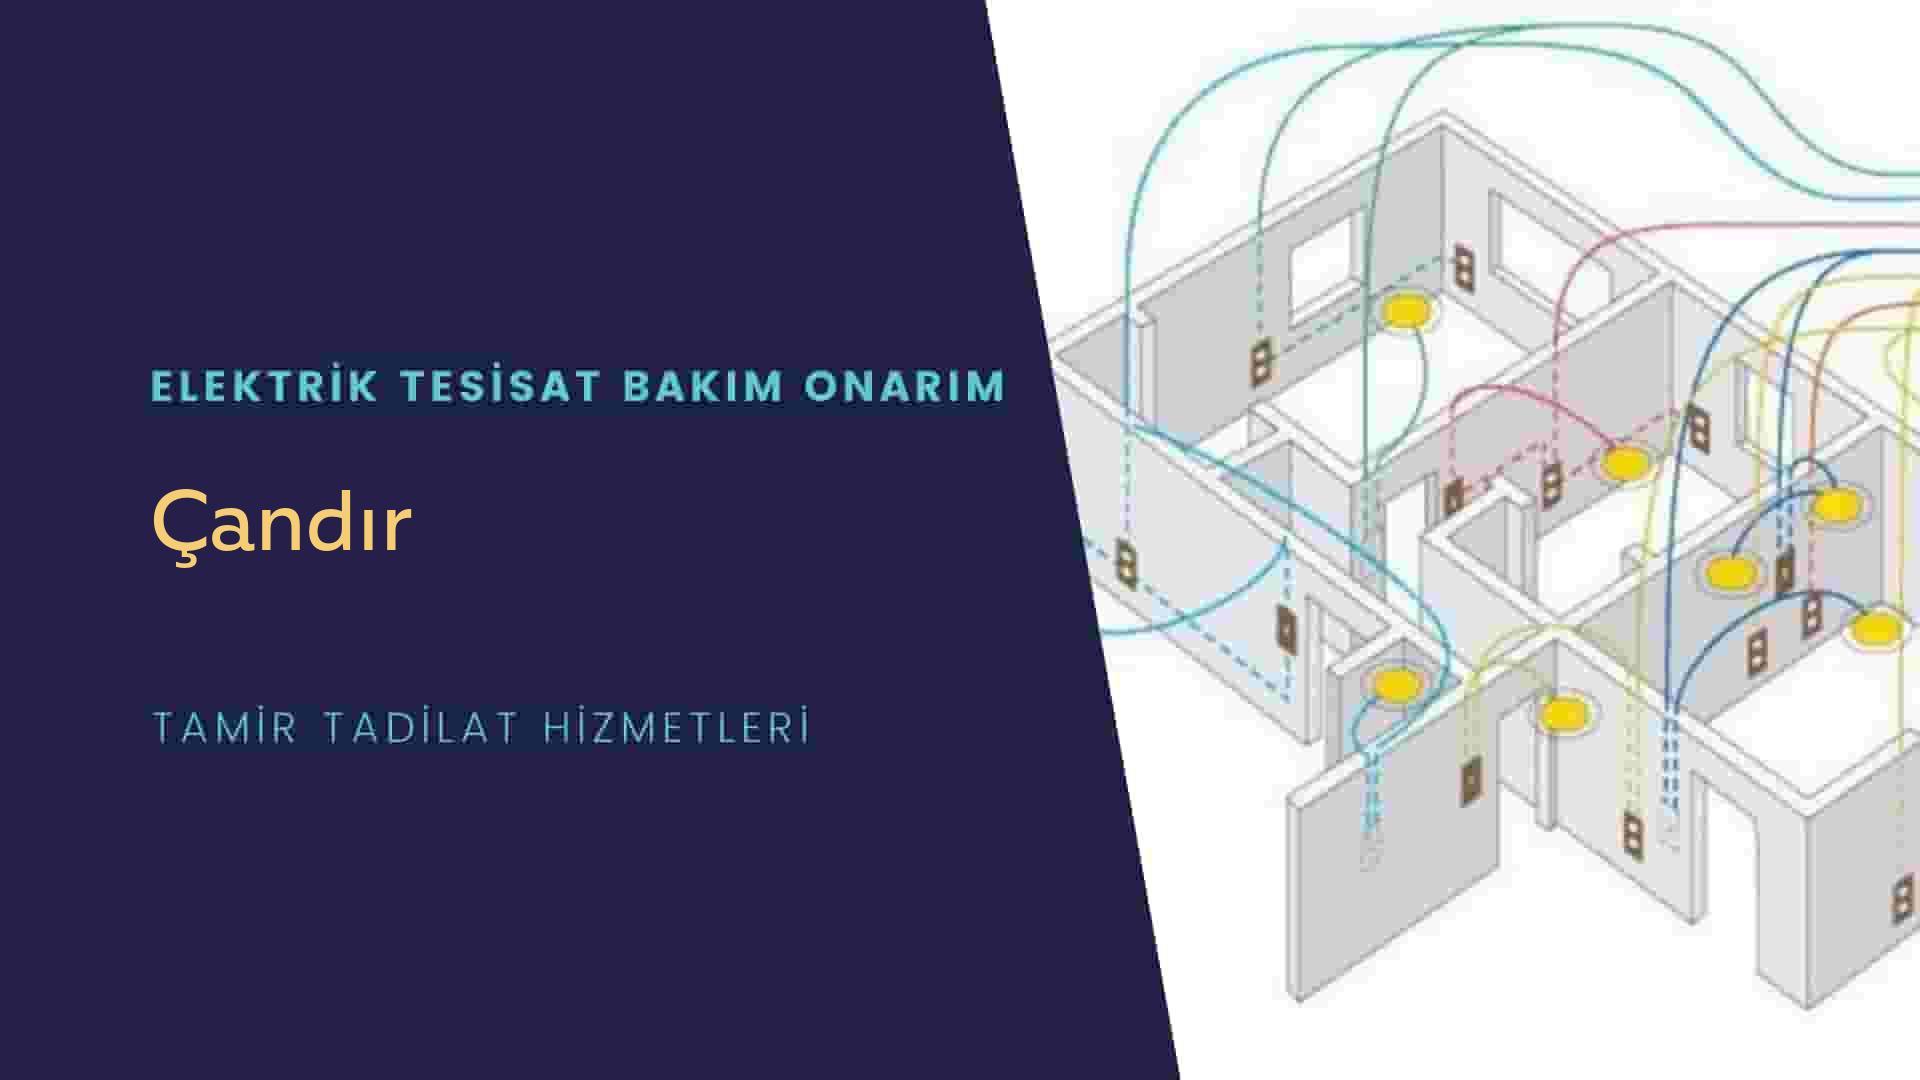 Çandır'da elektrik tesisatıustalarımı arıyorsunuz doğru adrestenizi Çandır elektrik tesisatı ustalarımız 7/24 sizlere hizmet vermekten mutluluk duyar.